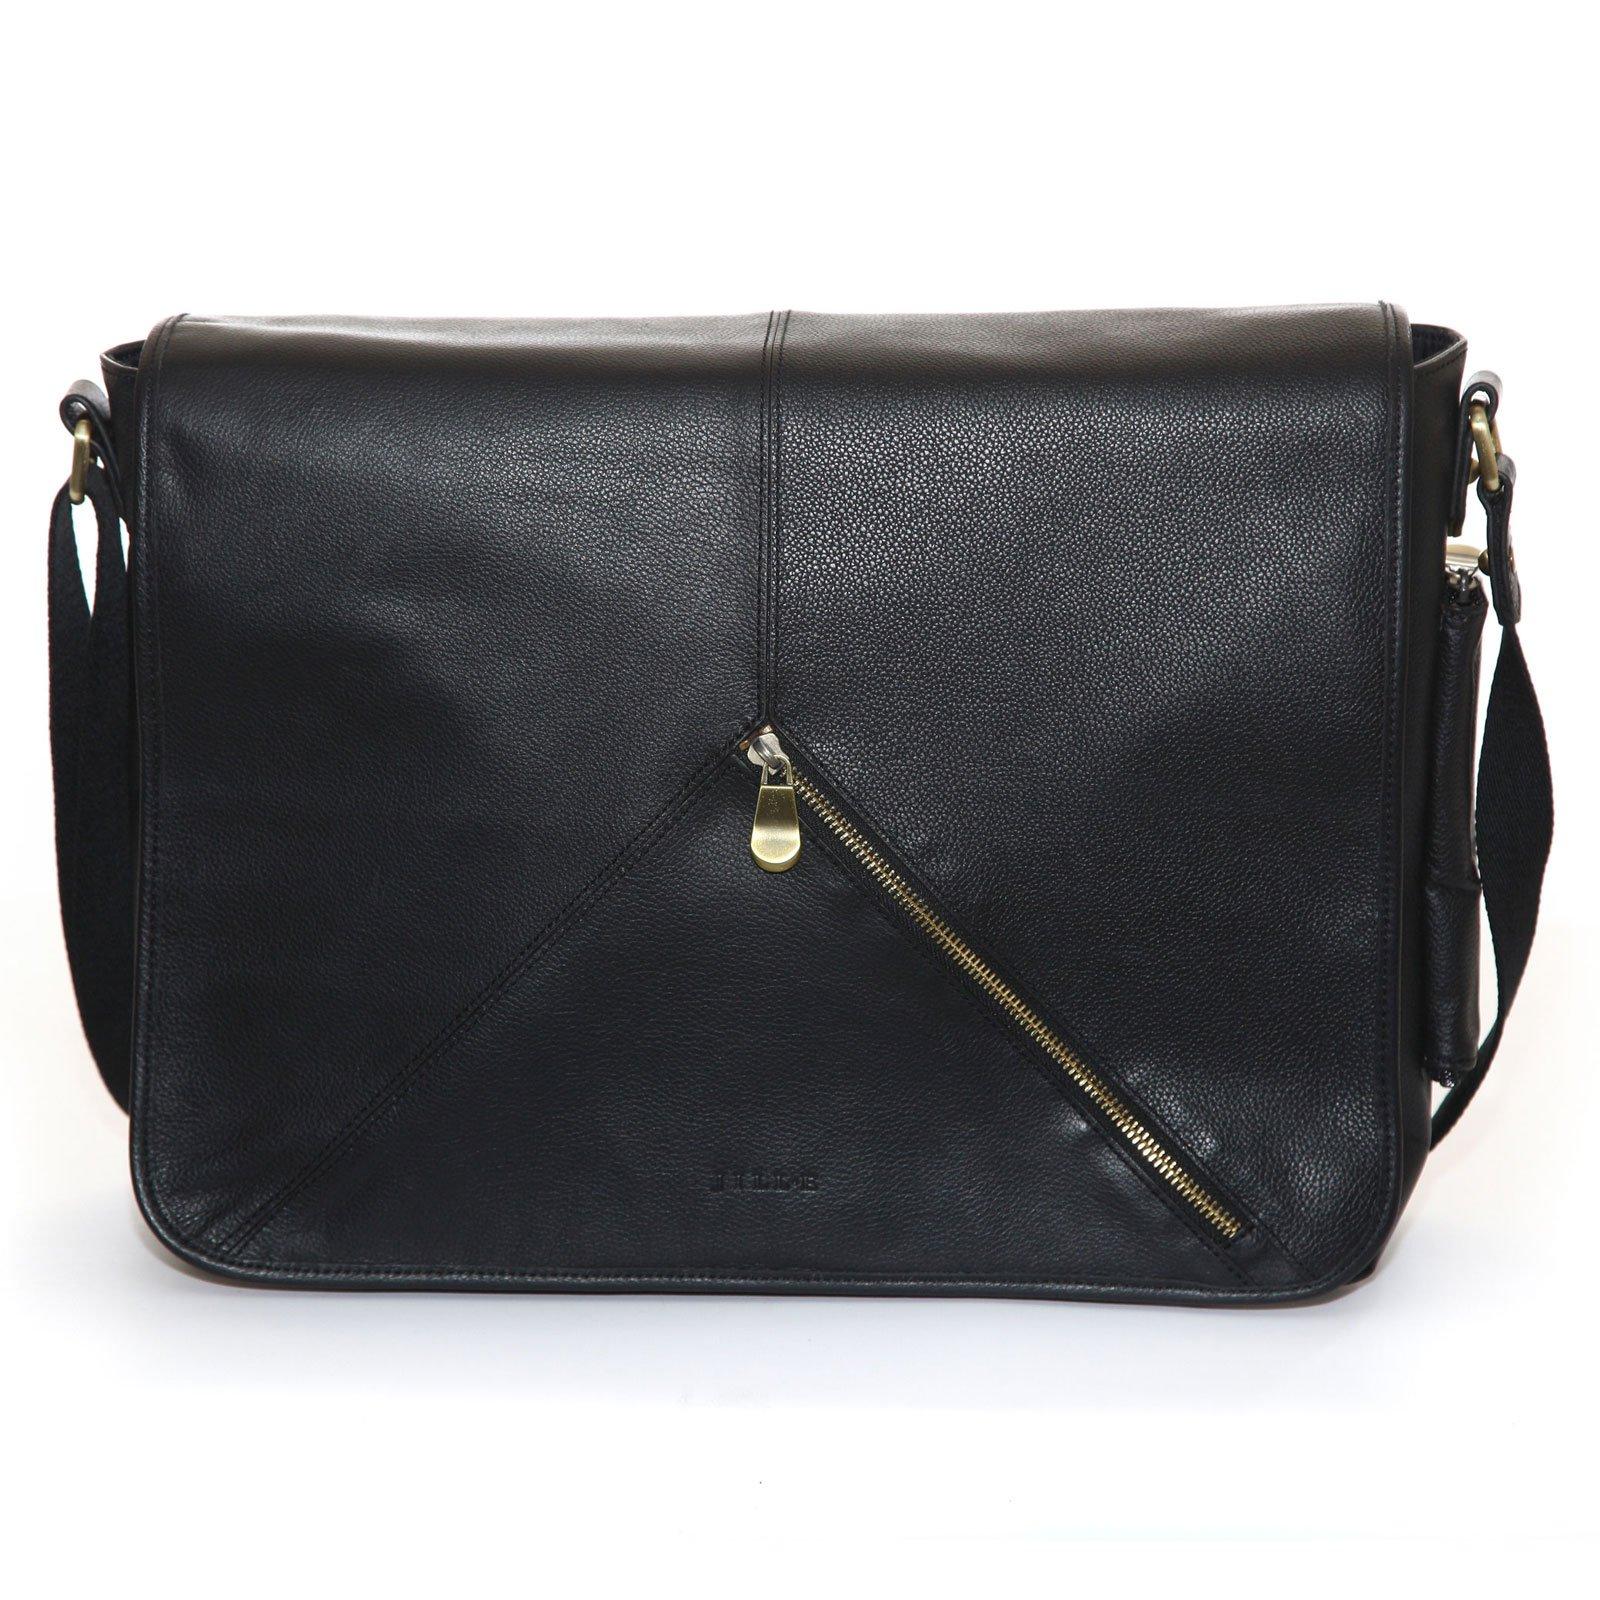 Jill-e Designs Sasha 13'' Leather Laptop Bag, Black (419453)